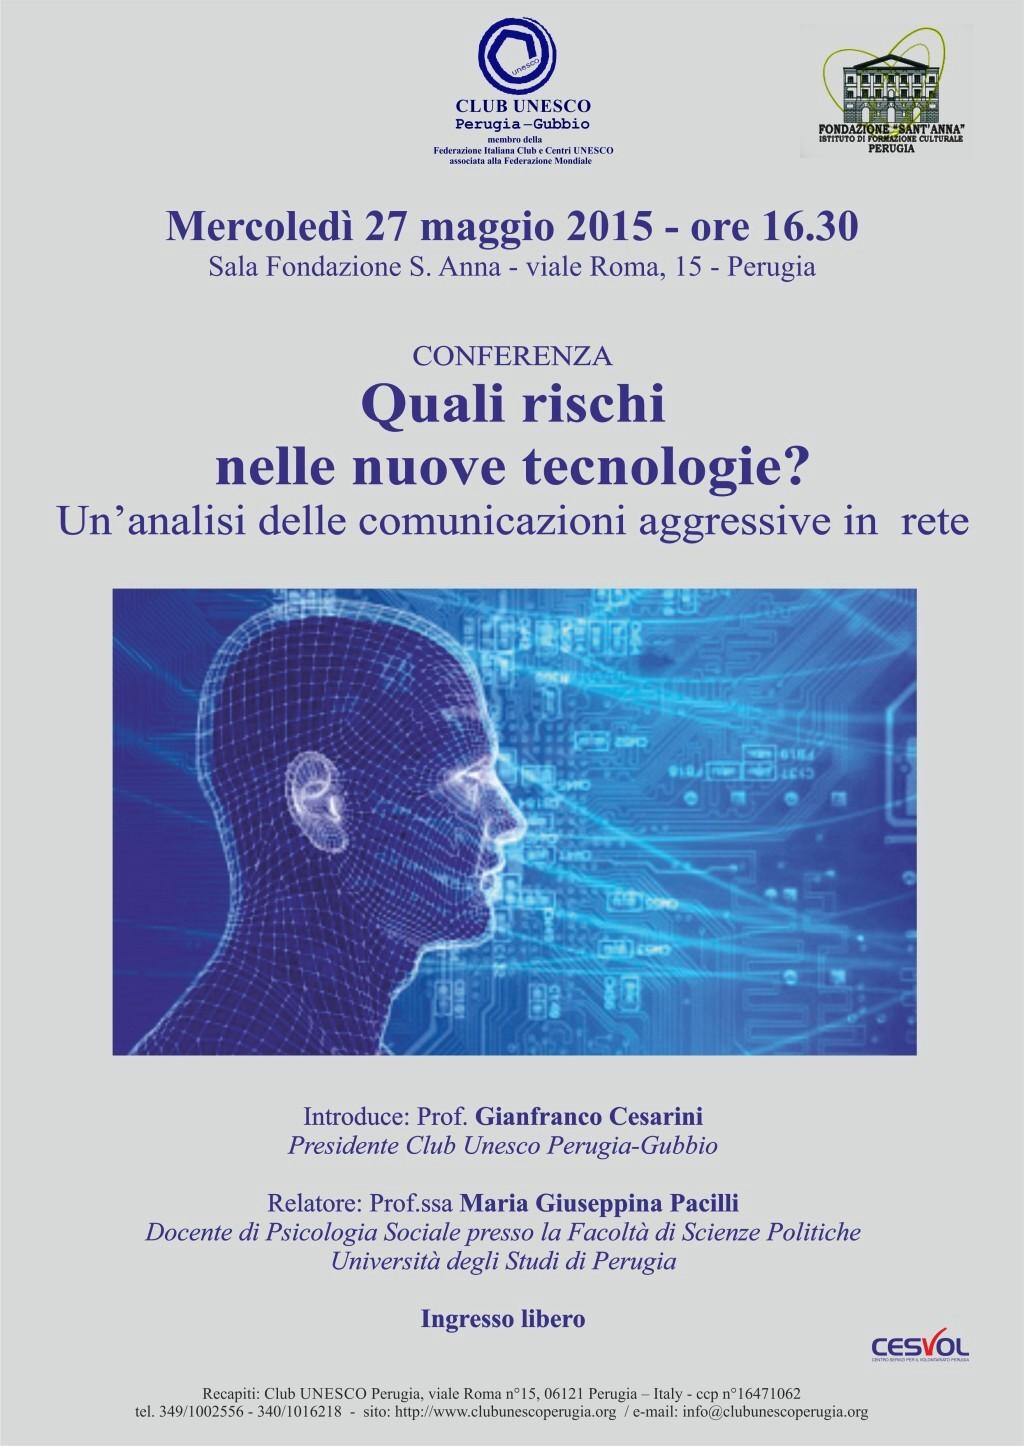 clubunesco_confer_tecnologie_27-5-15